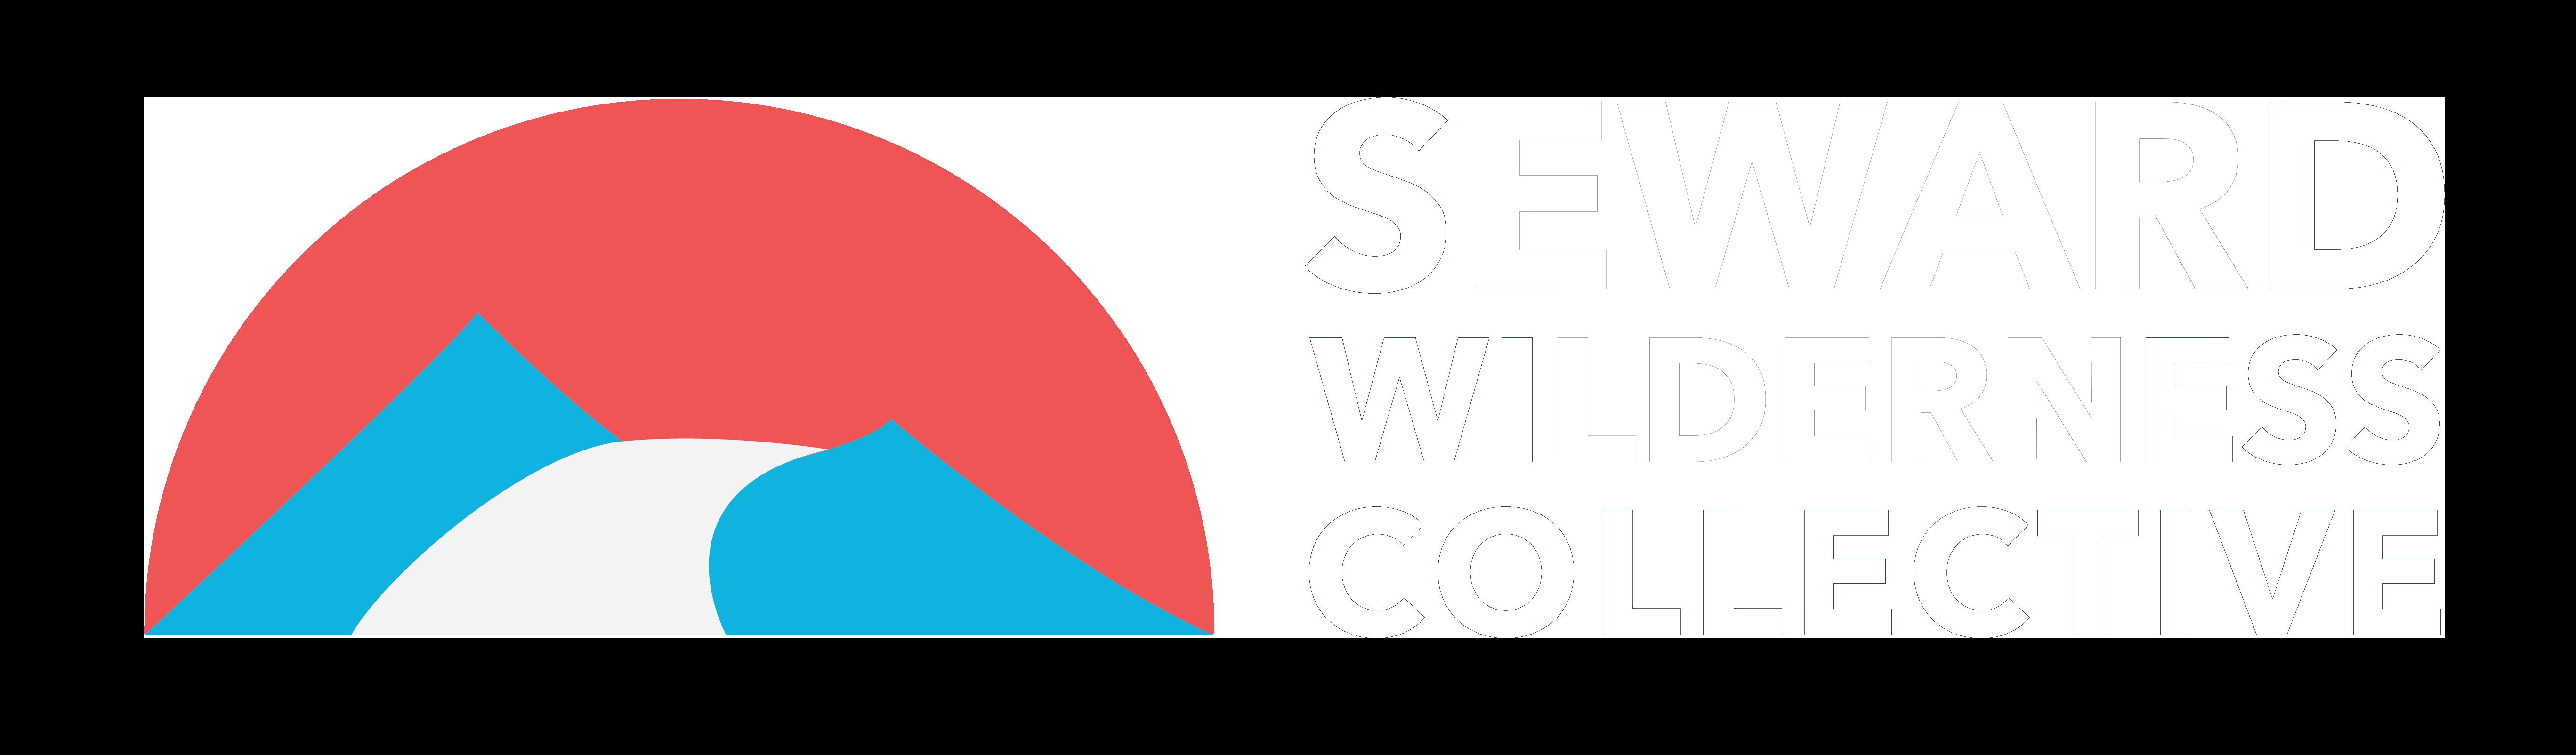 Seward Wilderness Collective